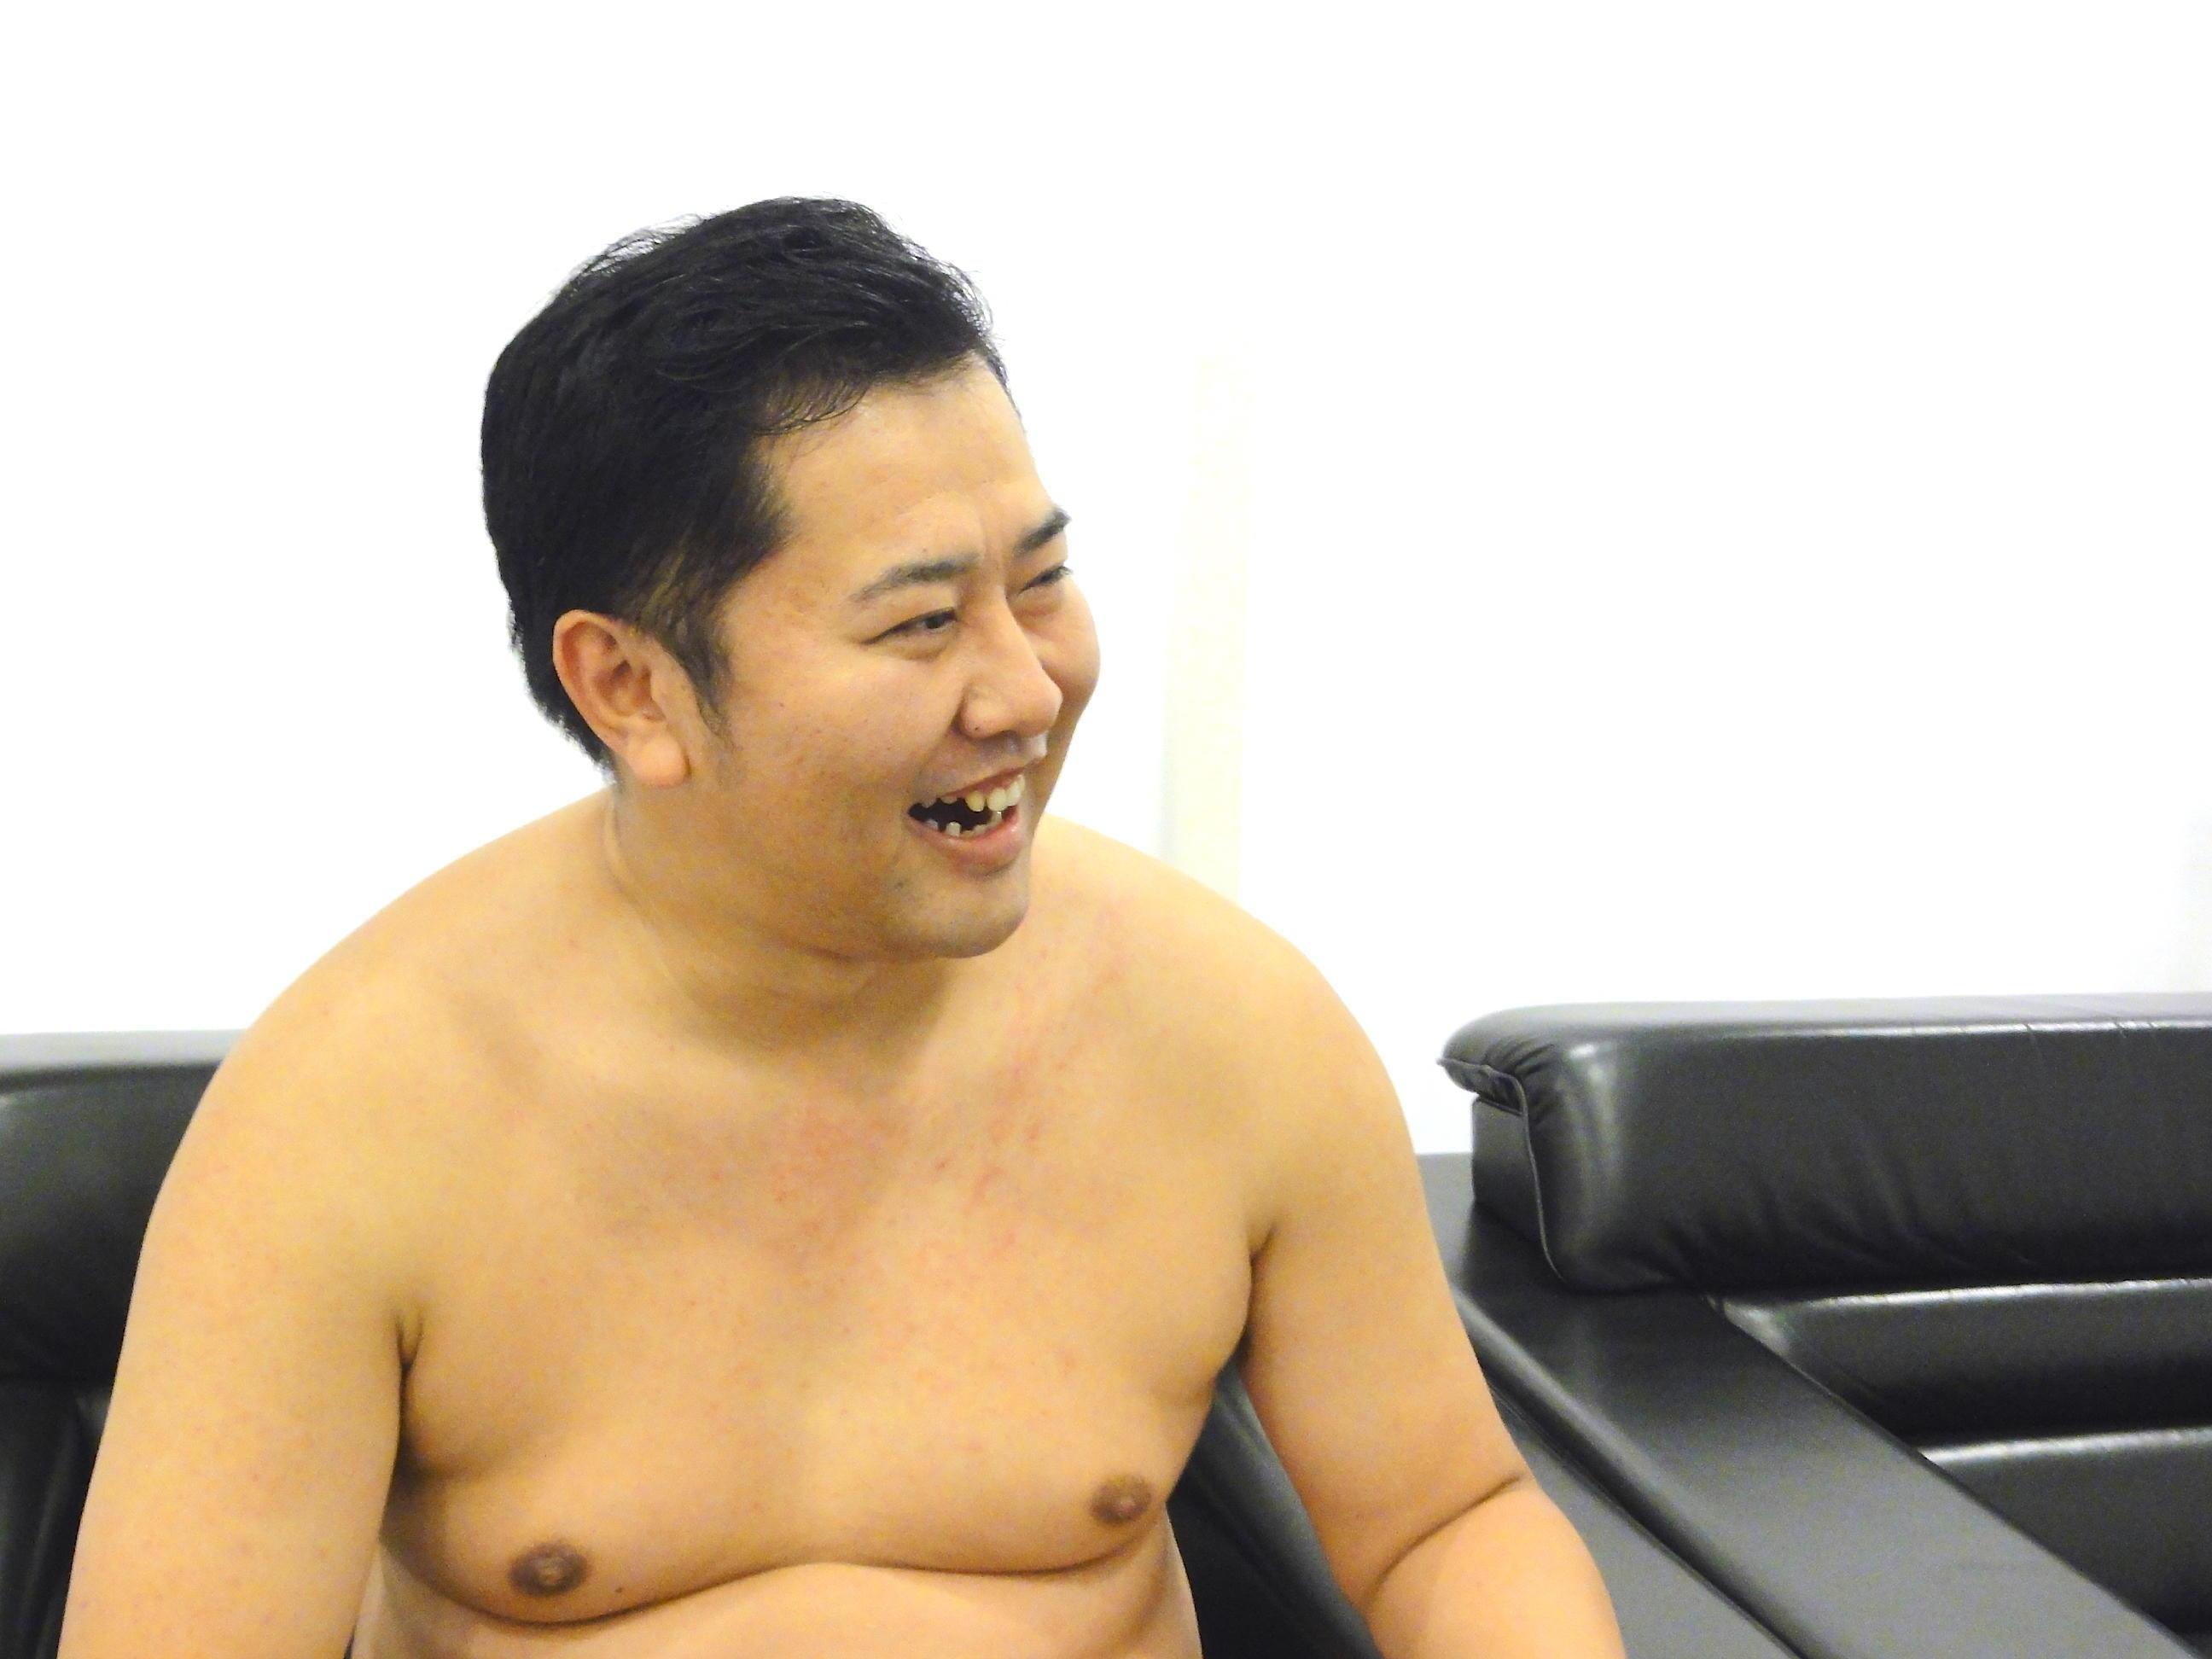 http://news.yoshimoto.co.jp/20160802033128-19913806204c2ee864d42cfc82a5007145cb2c99.jpg